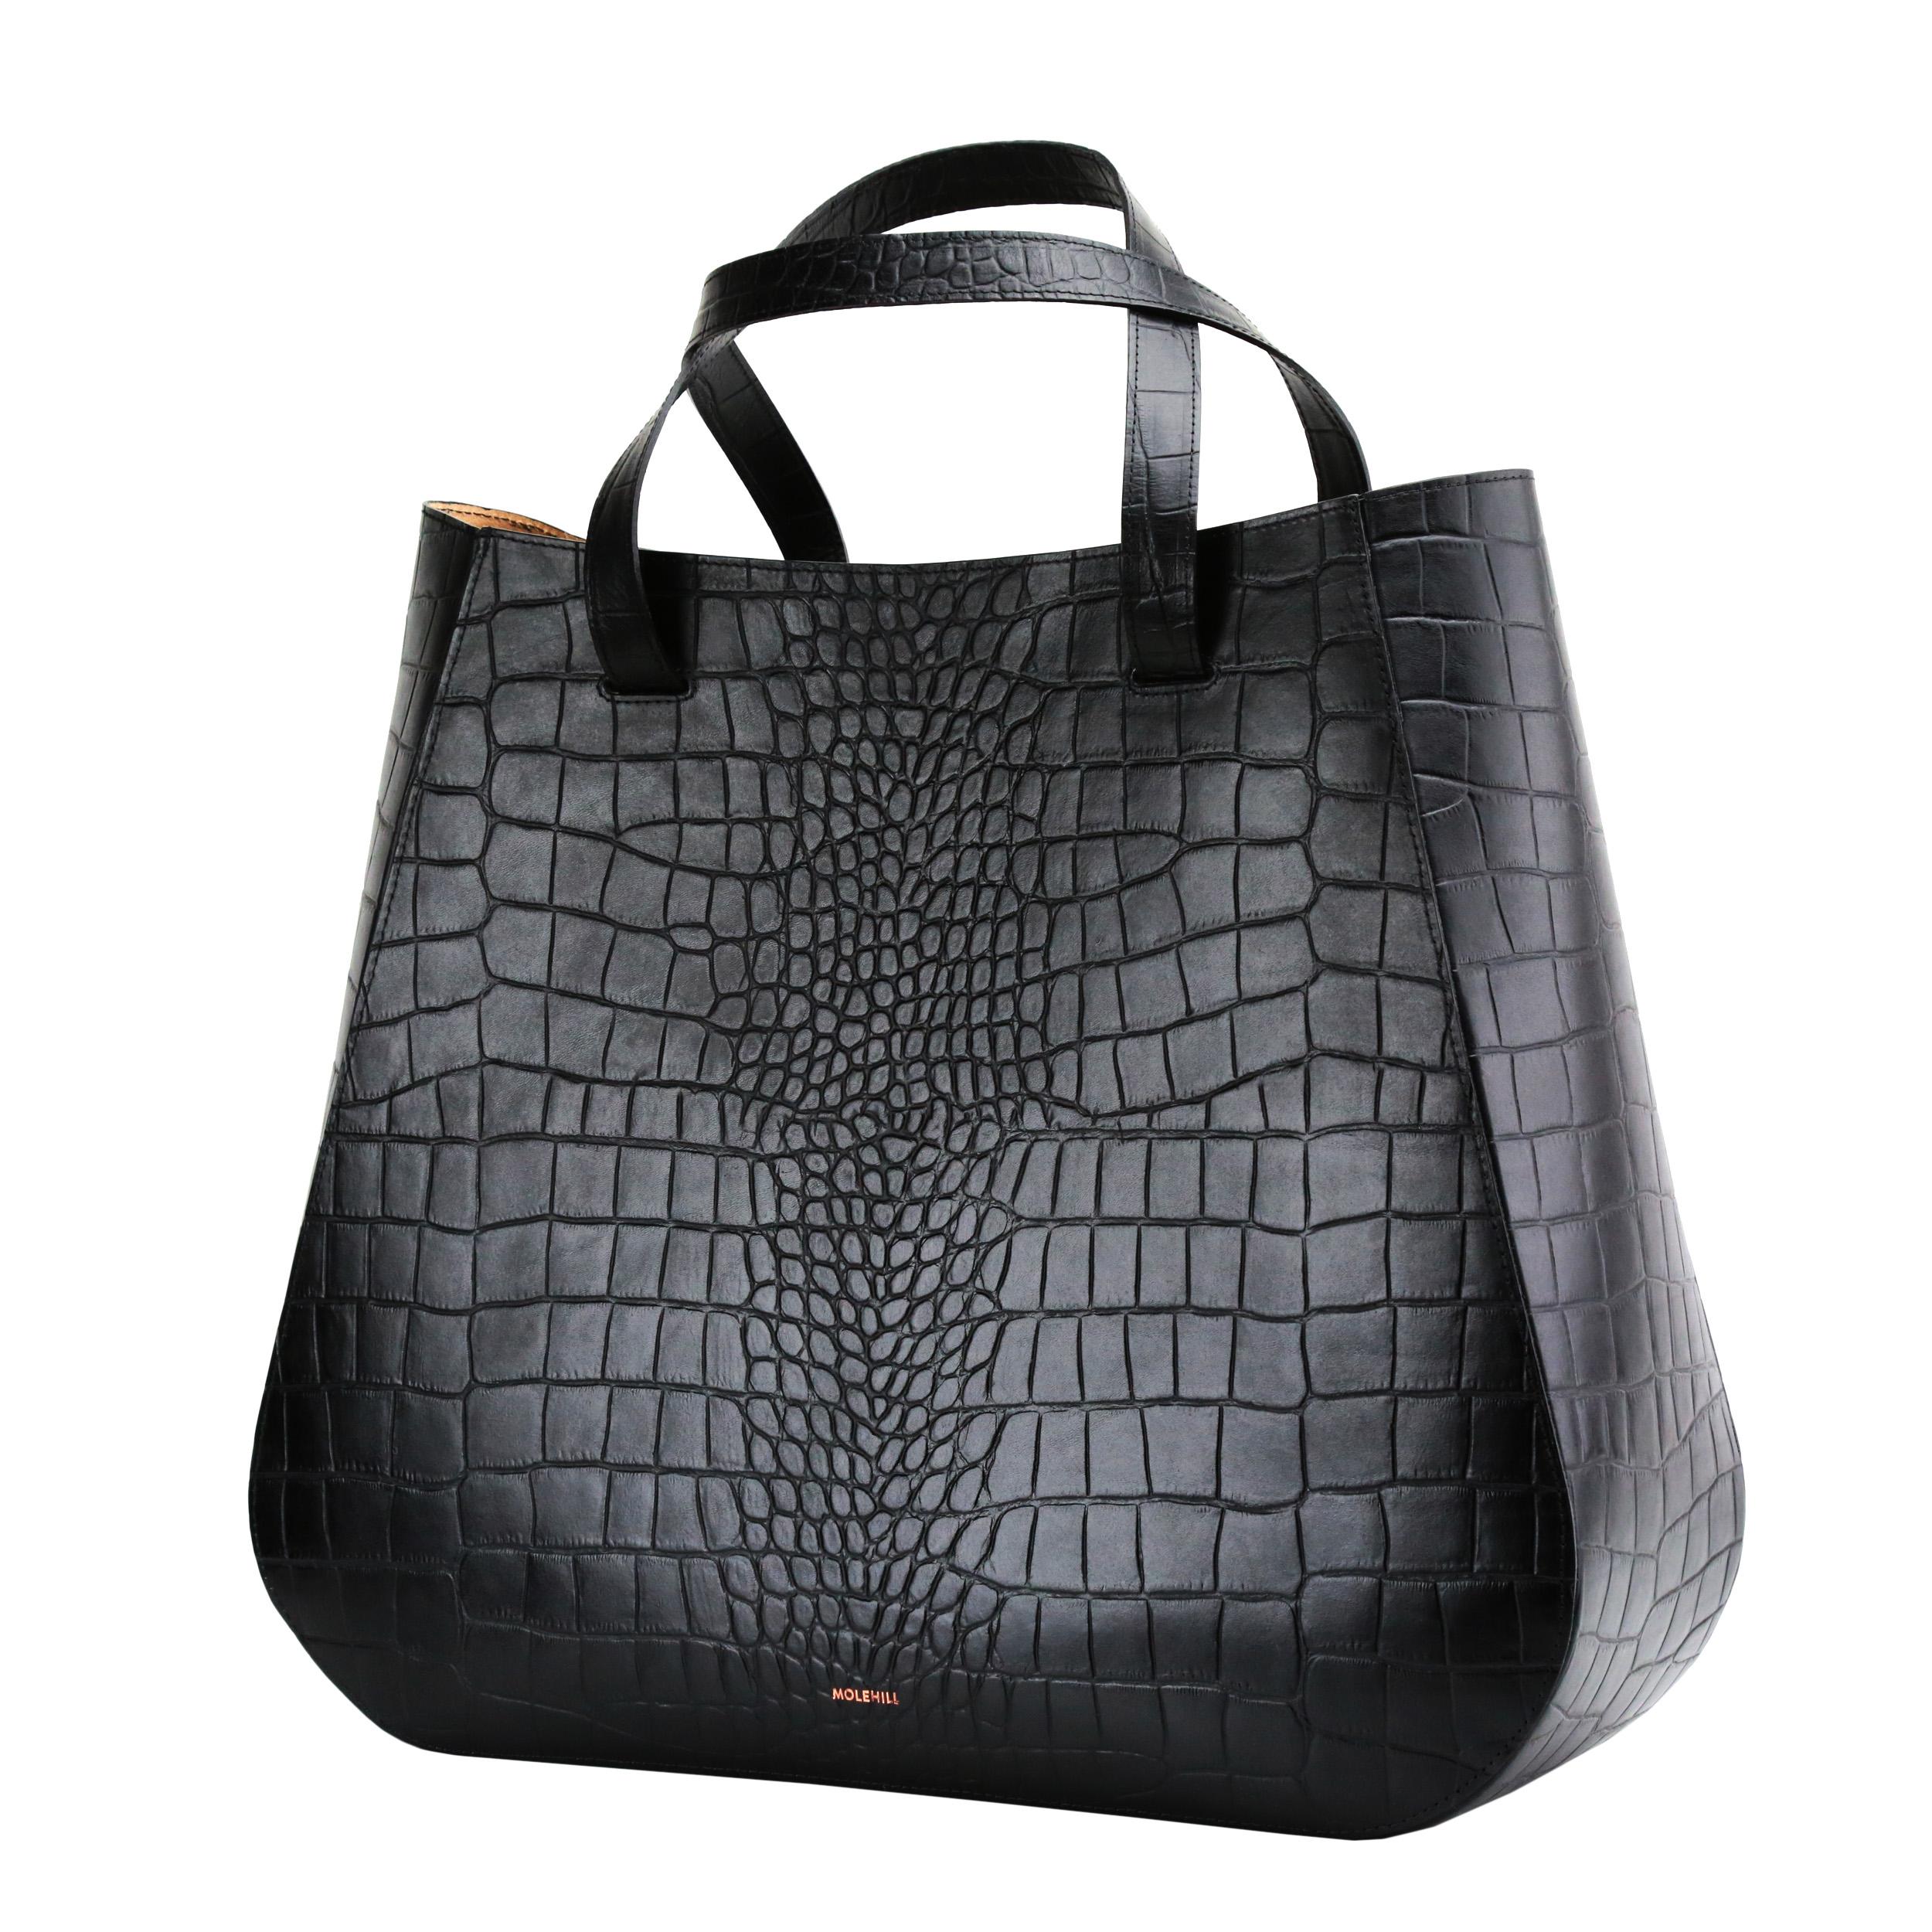 Lesa-Large-Bag-Croco-Black-Special-Edition-2